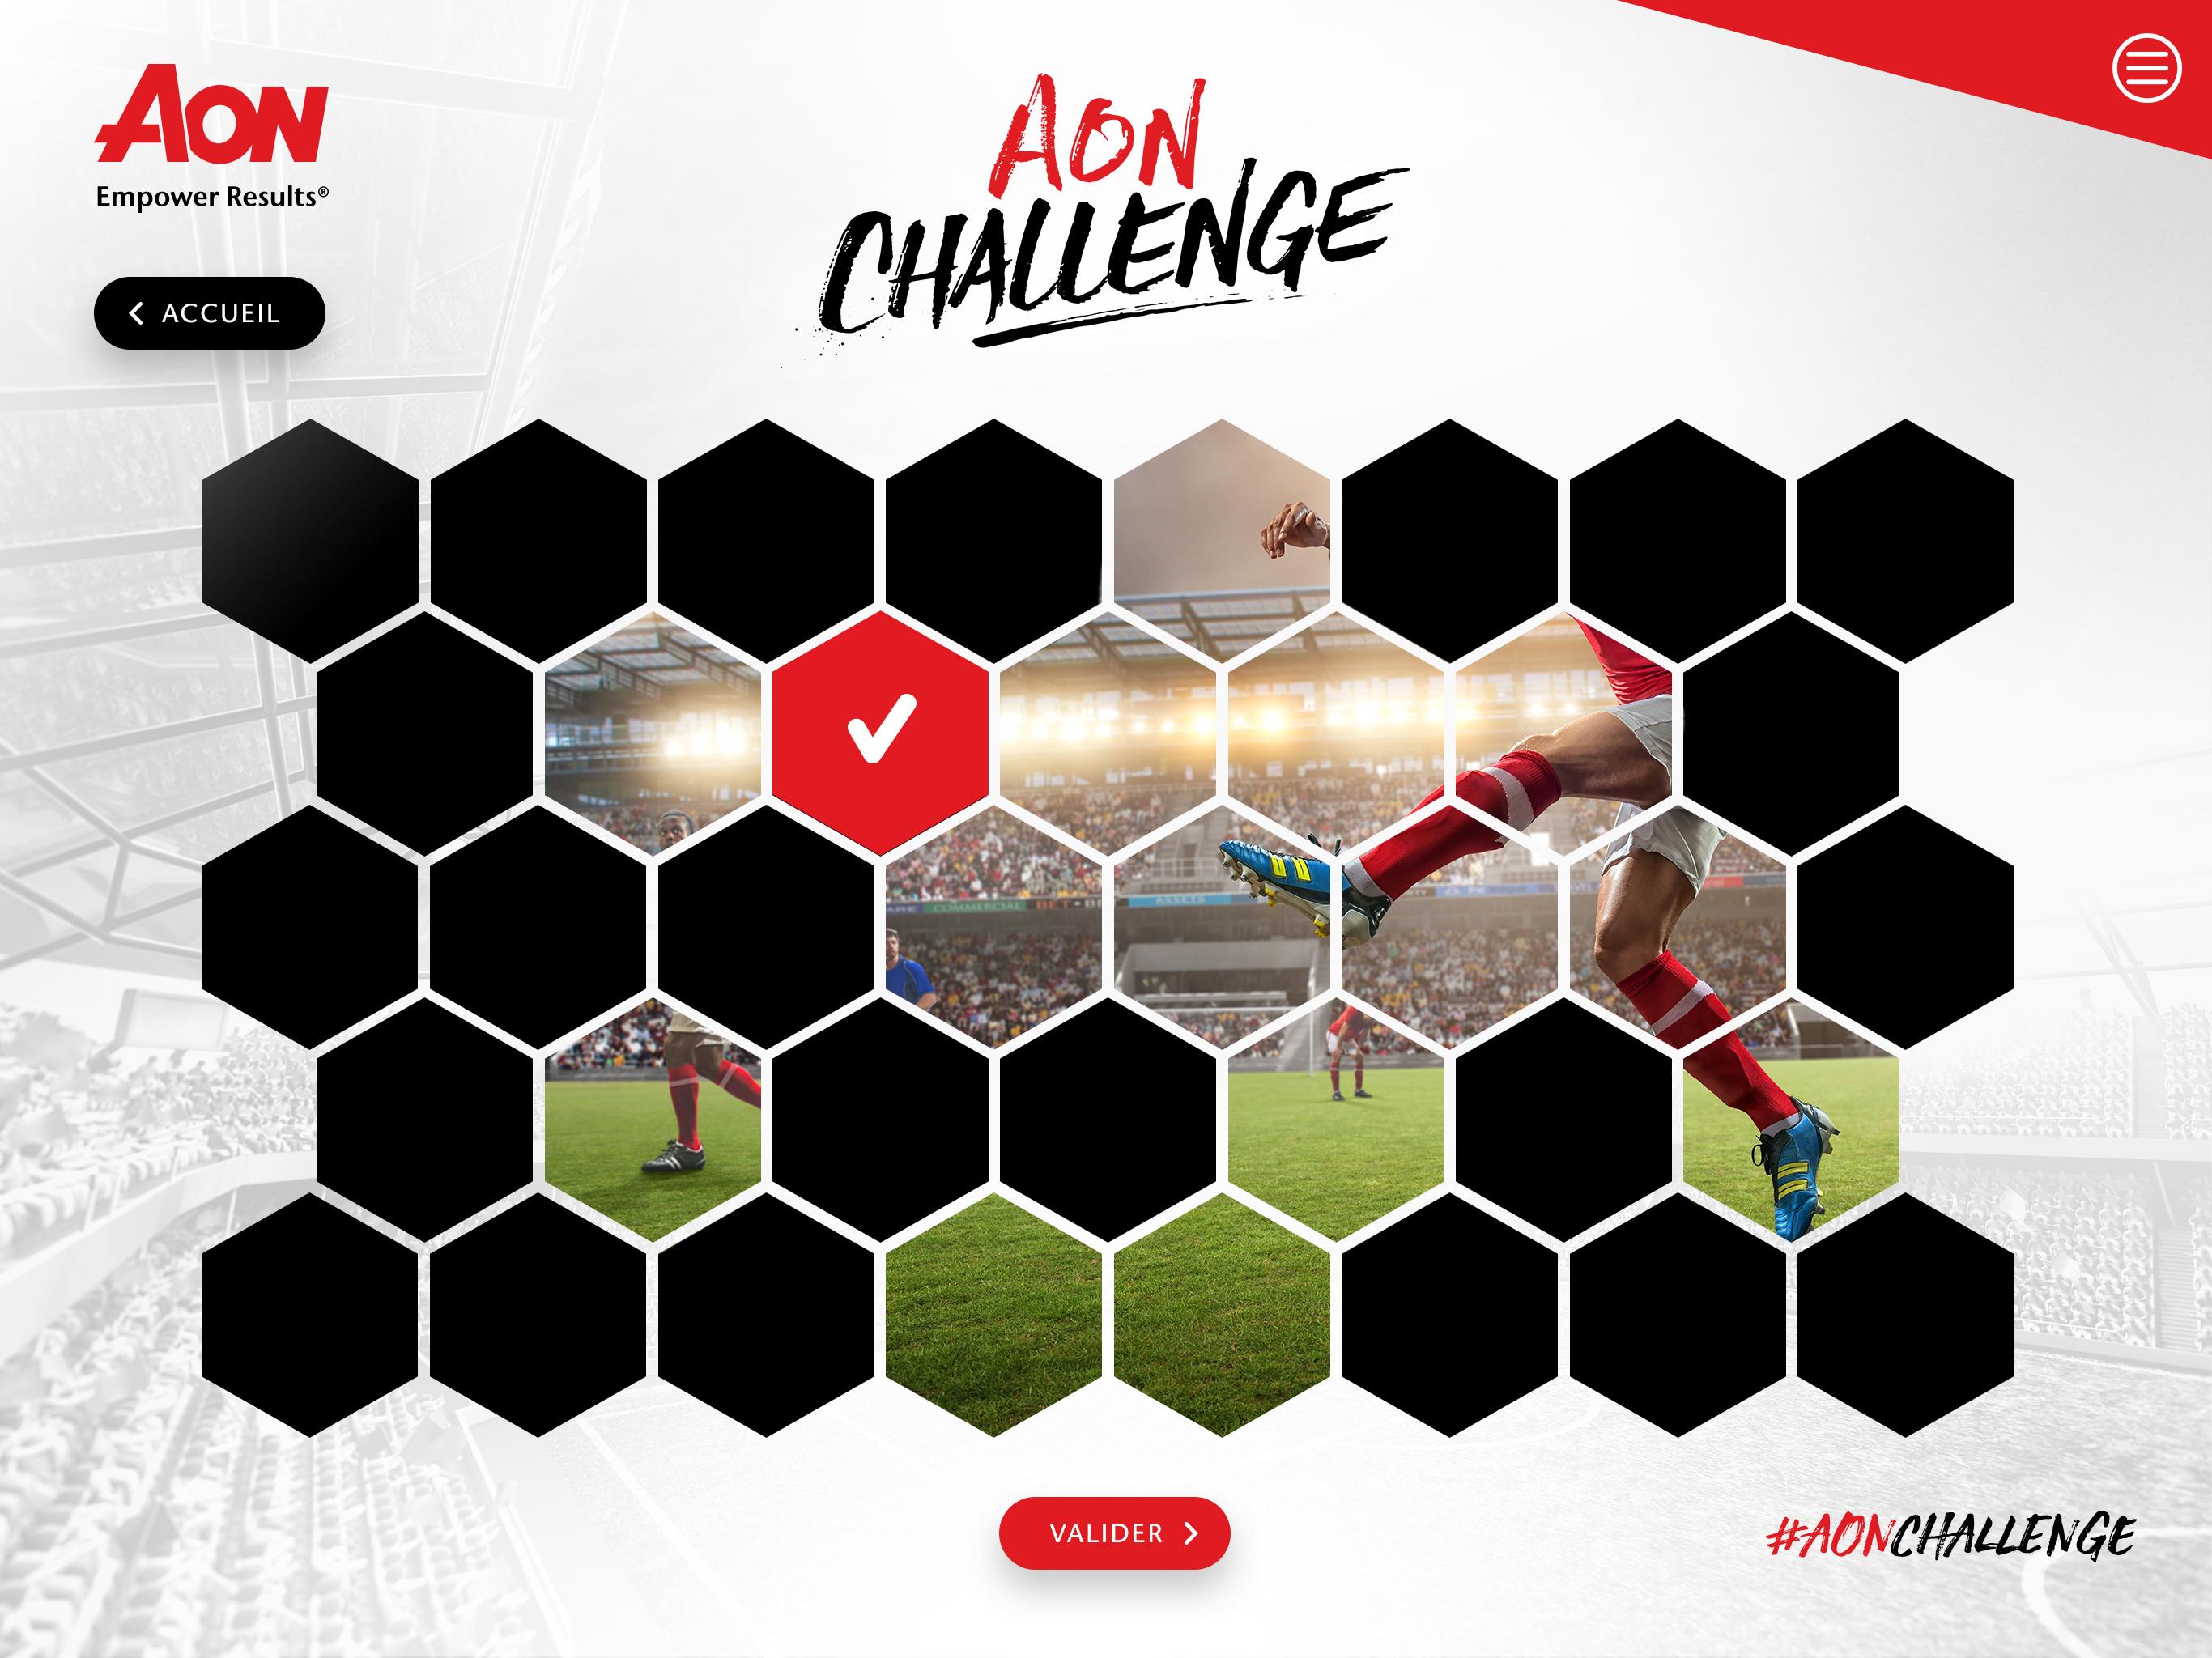 03_AON_CHALLENGE_IPAD_6